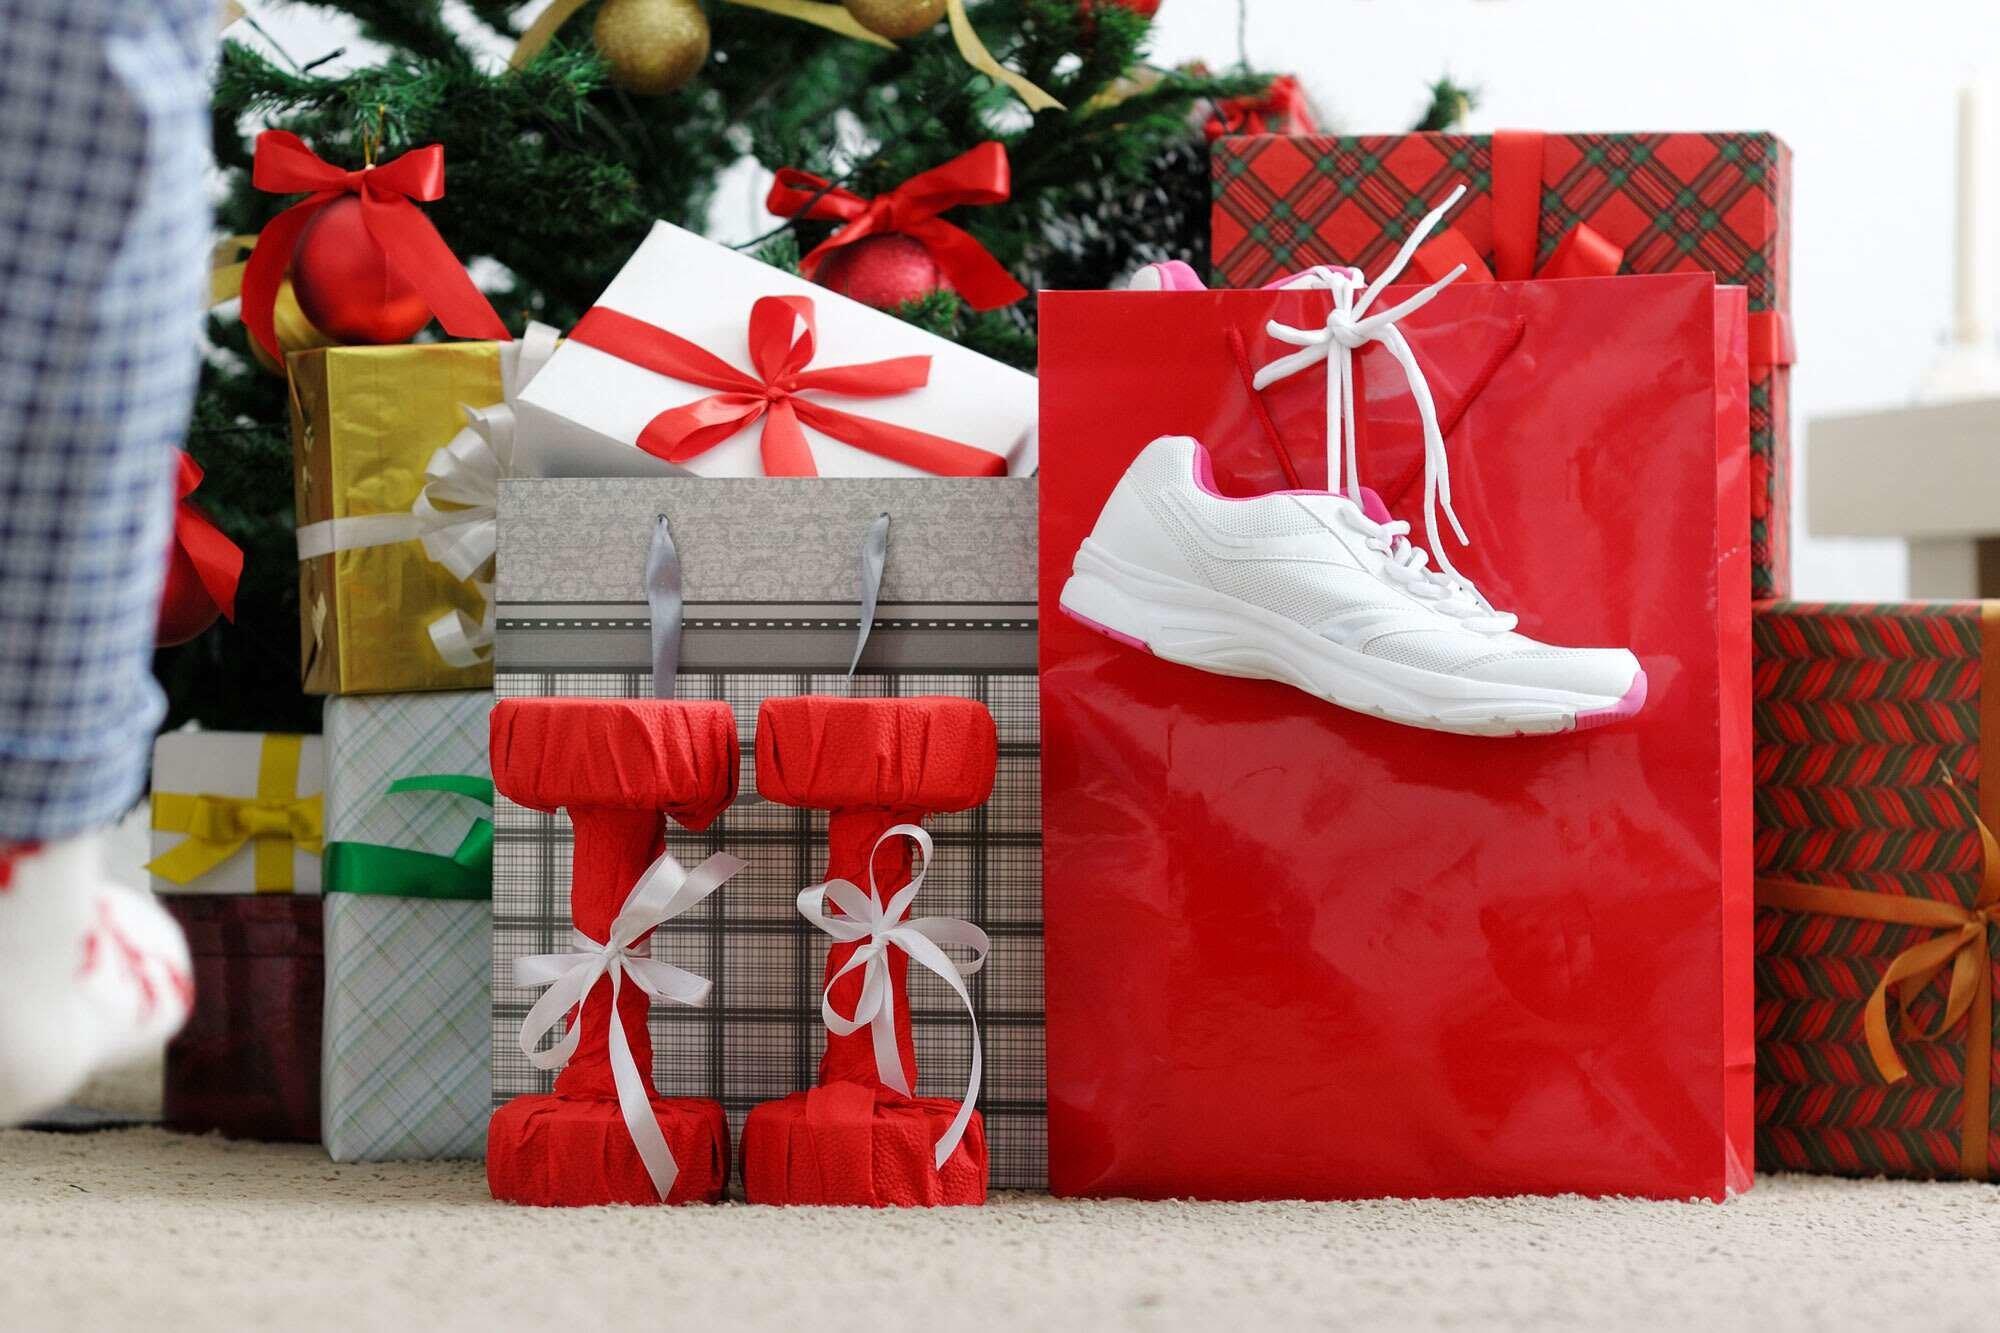 Спортивные подарки на Новый год: топ 31 идея на любой вкус и бюджет